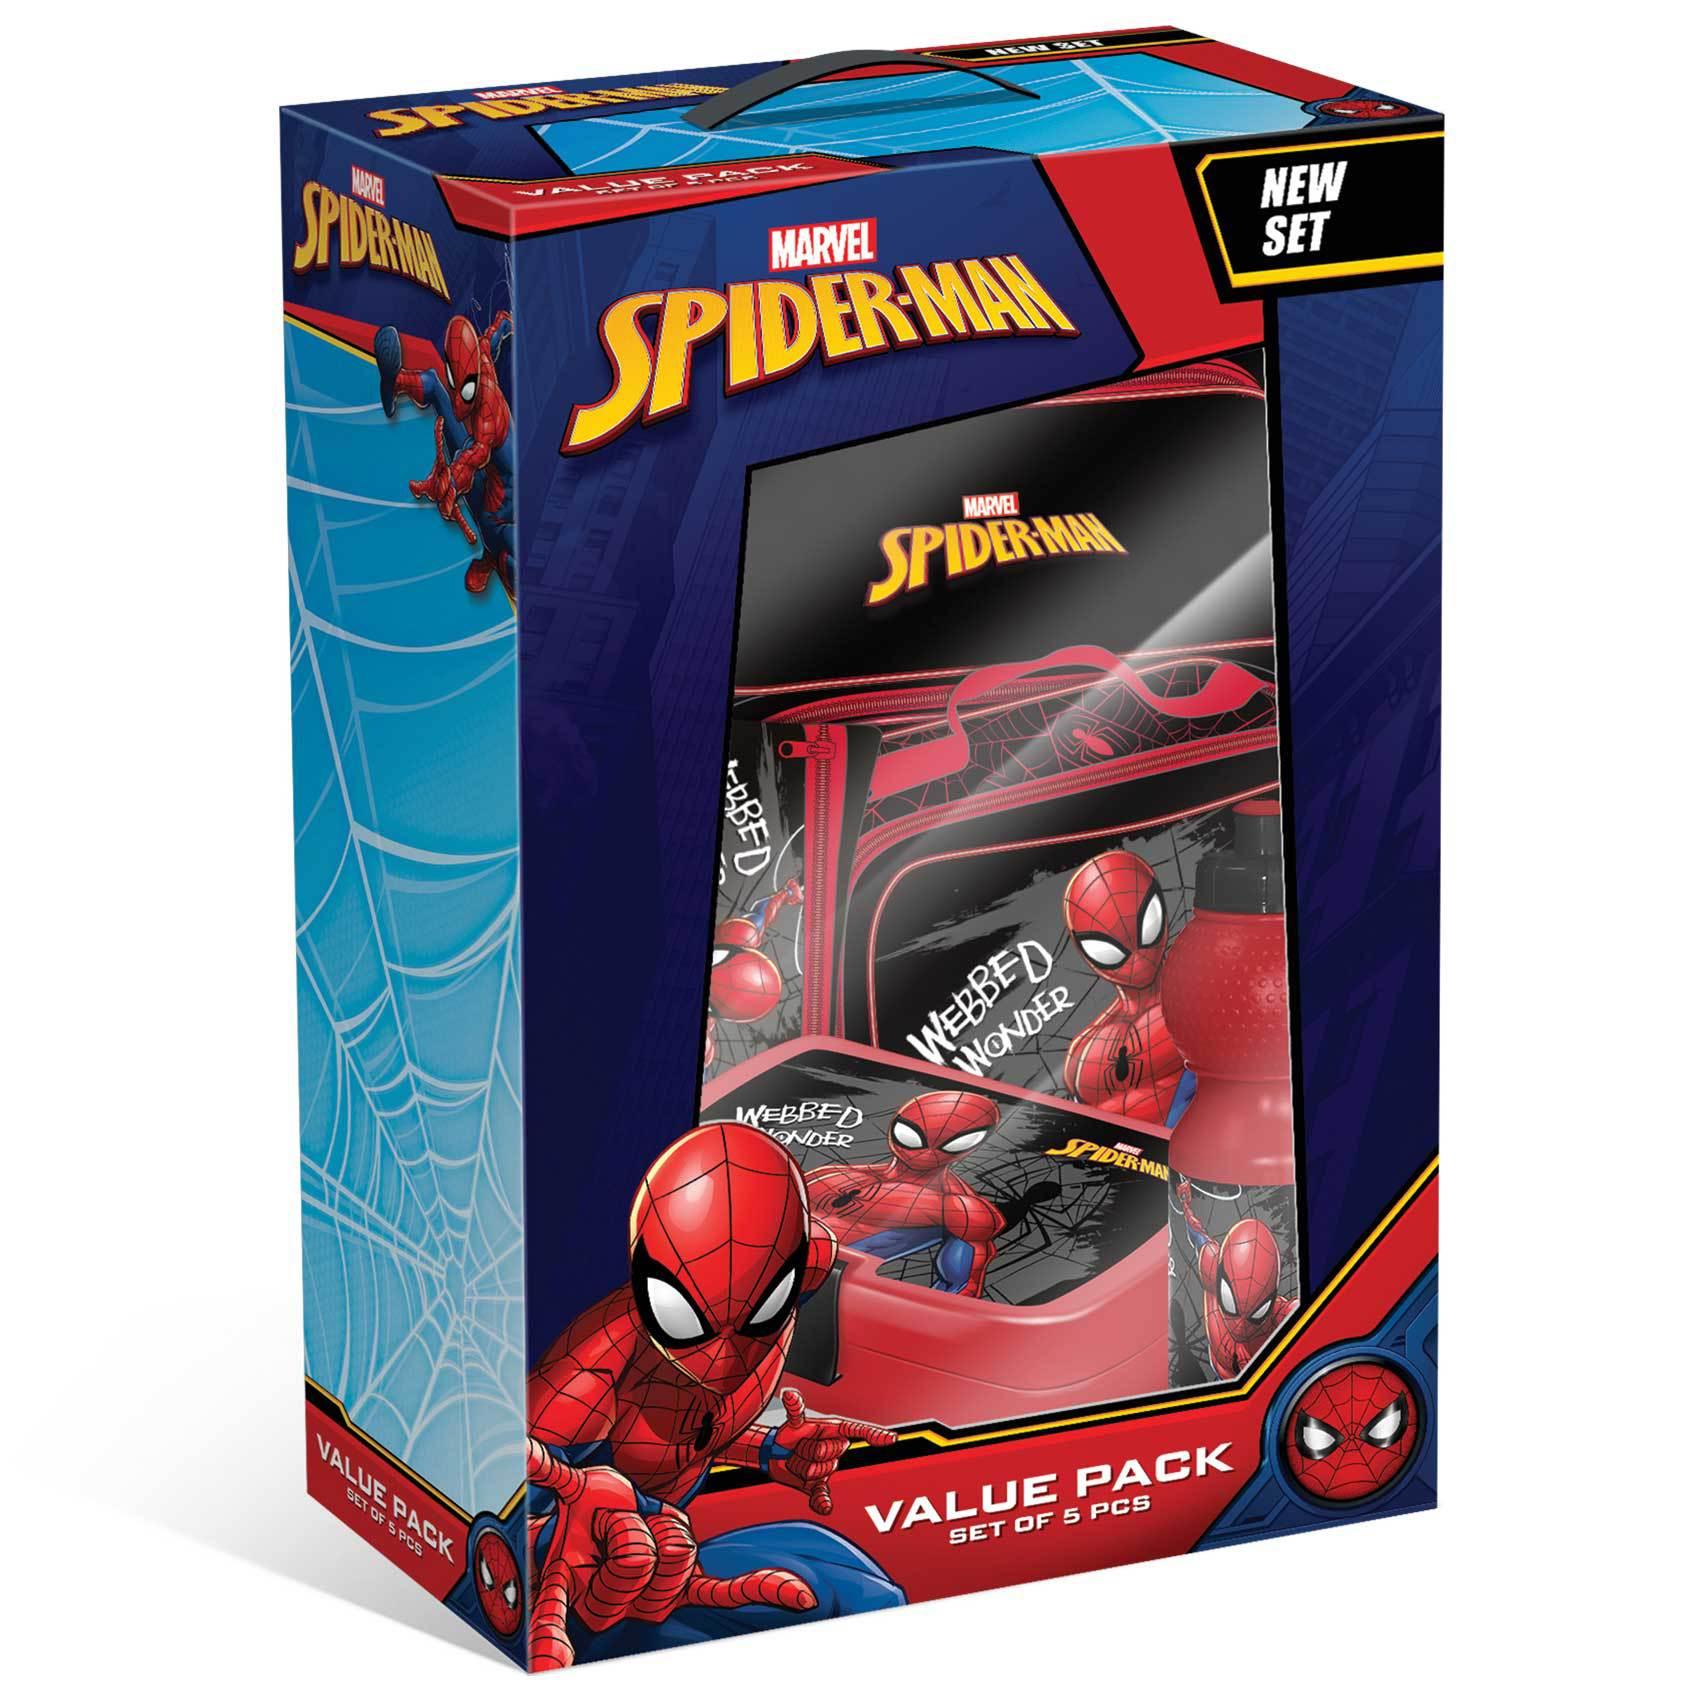 SPIDER MAN VALUE PACK SET 1